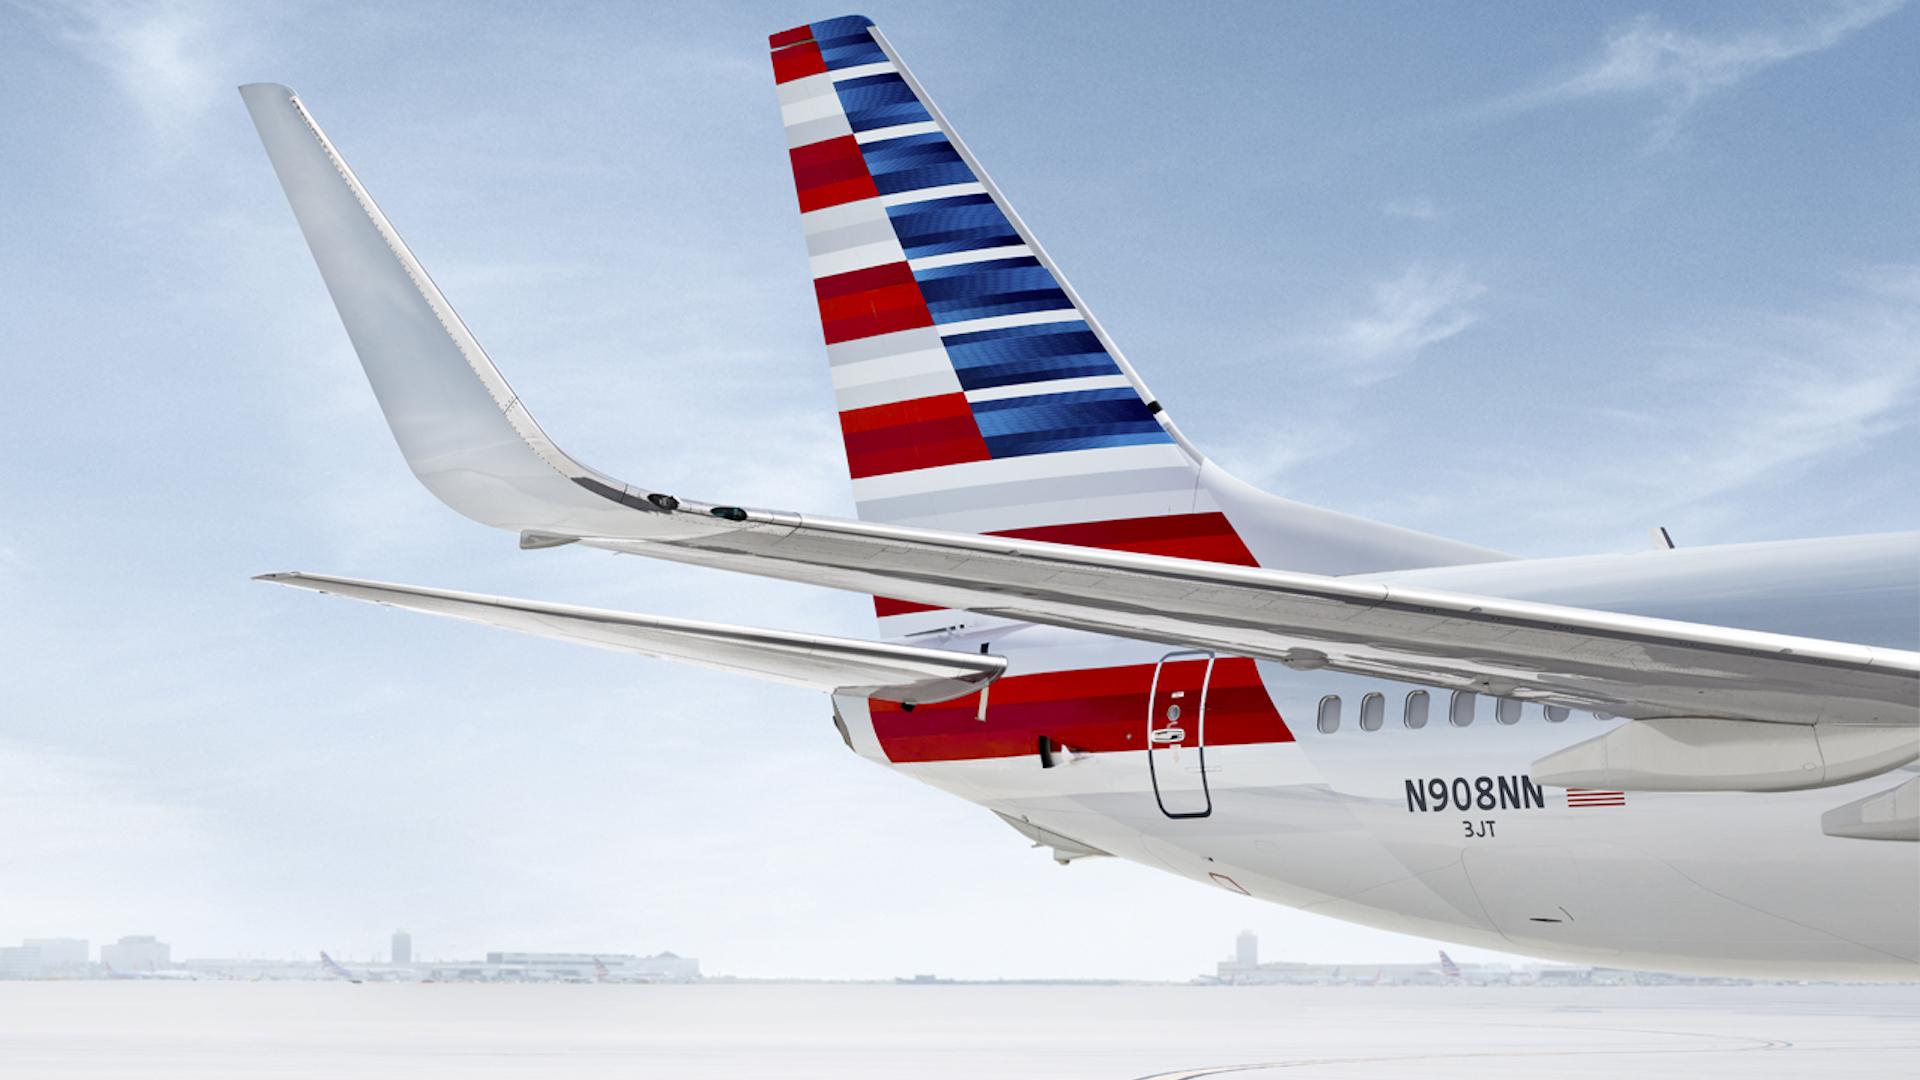 Los cambios de pasajes en Delta, United y American Airlines serán gratis